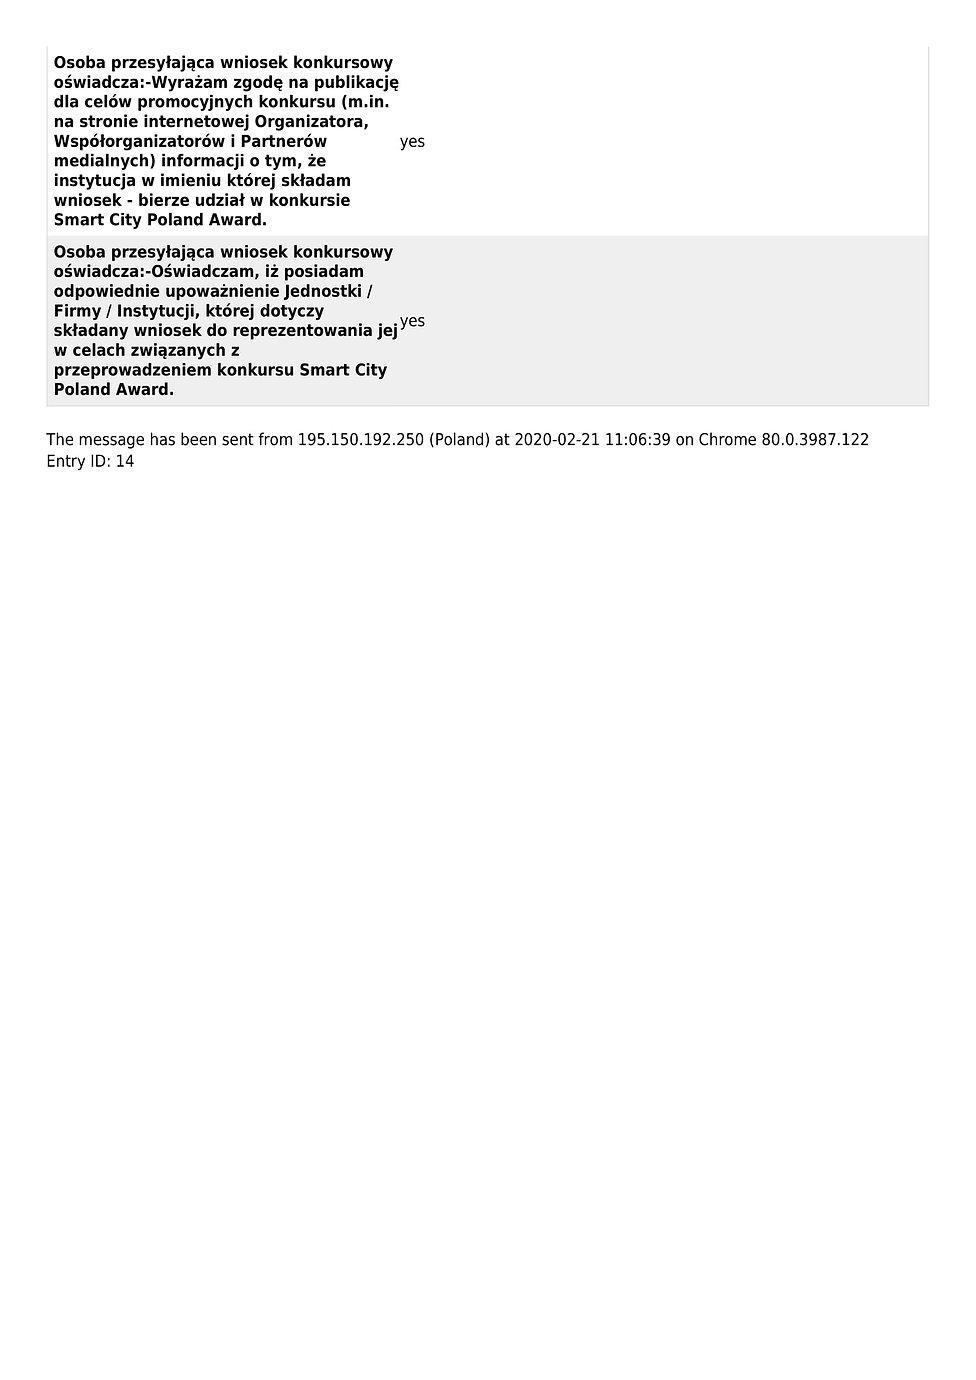 Seedia2.05161335-4.jpg